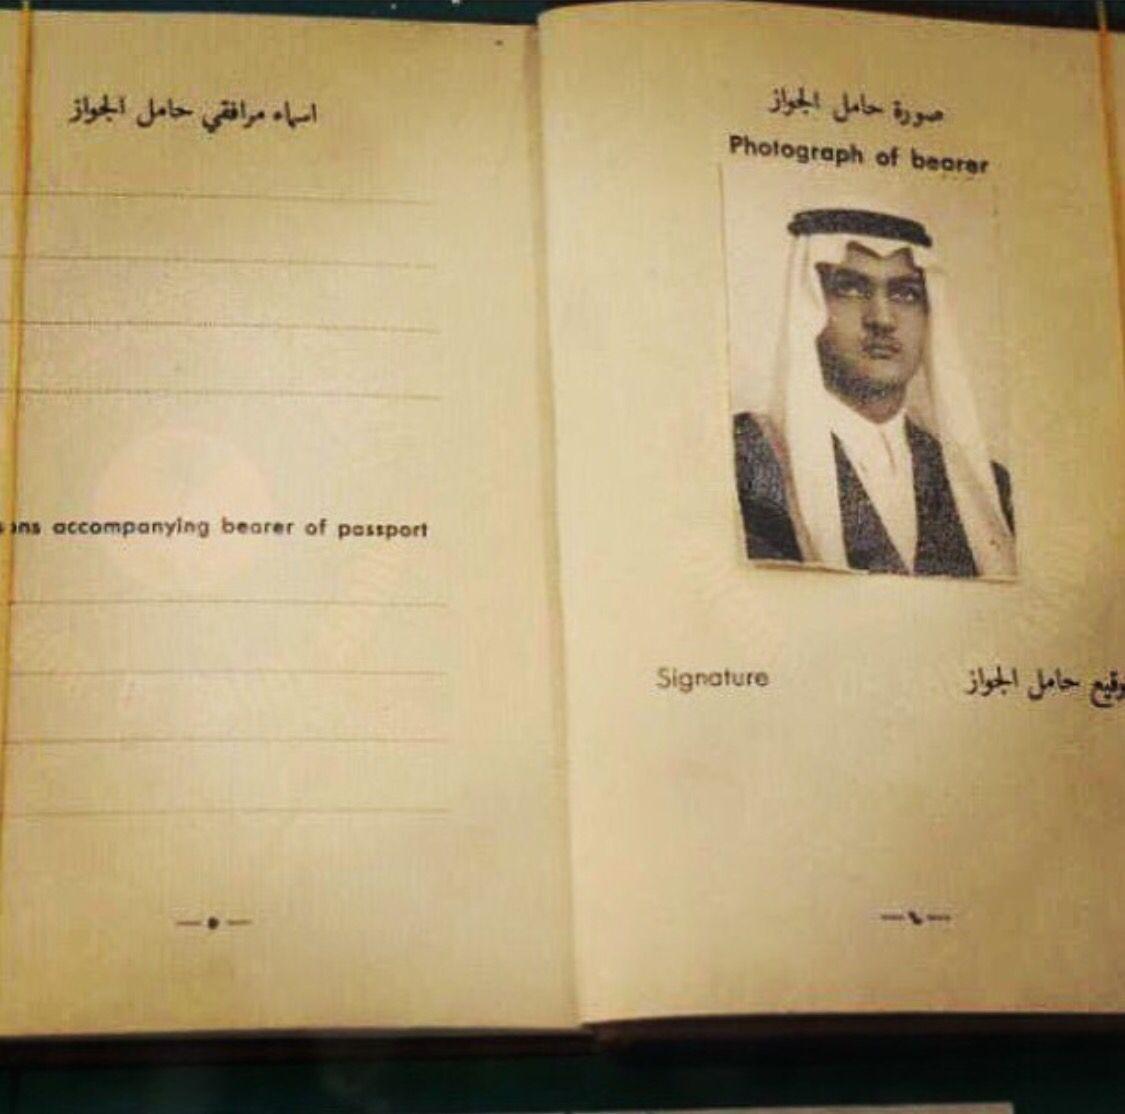 أول جواز سفر لصاحب السمو الملكي الأمير سعود الفيصل King Faisal Cards Against Humanity Passport